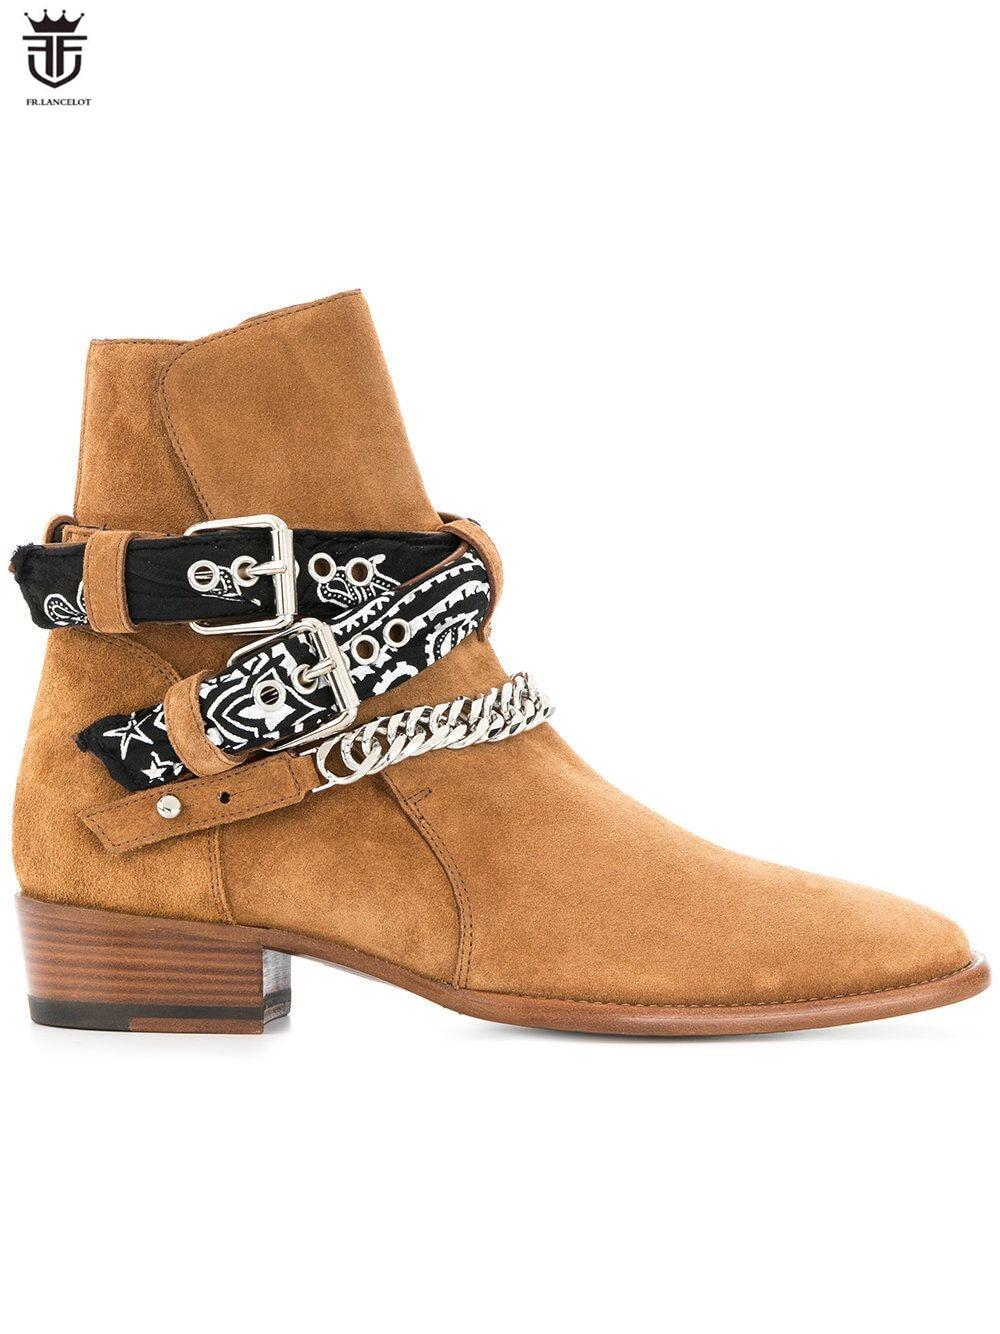 FR LANCELOT 2019 botas Chelsea de ante de los hombres botas de cuero de diseño de Punta hebilla botas nueva plata cadenas de parte de los hombres botas